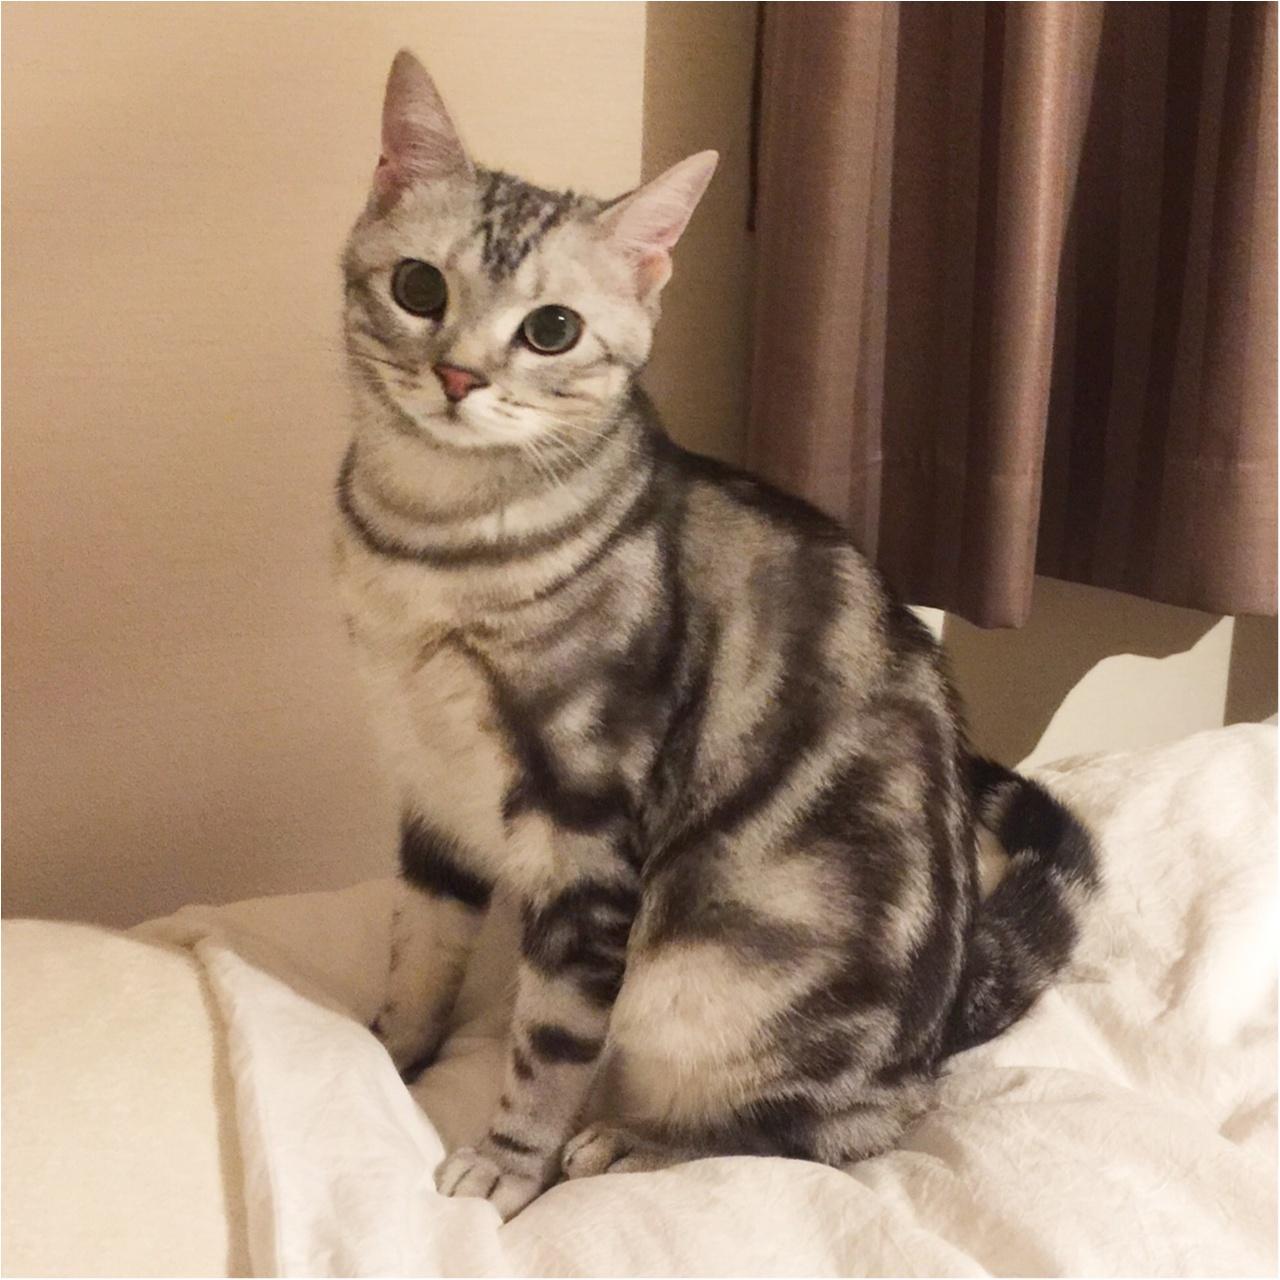 【今日のにゃんこ】おすましポーズで♪ アランくんの美猫っぷりにキュン♡_1